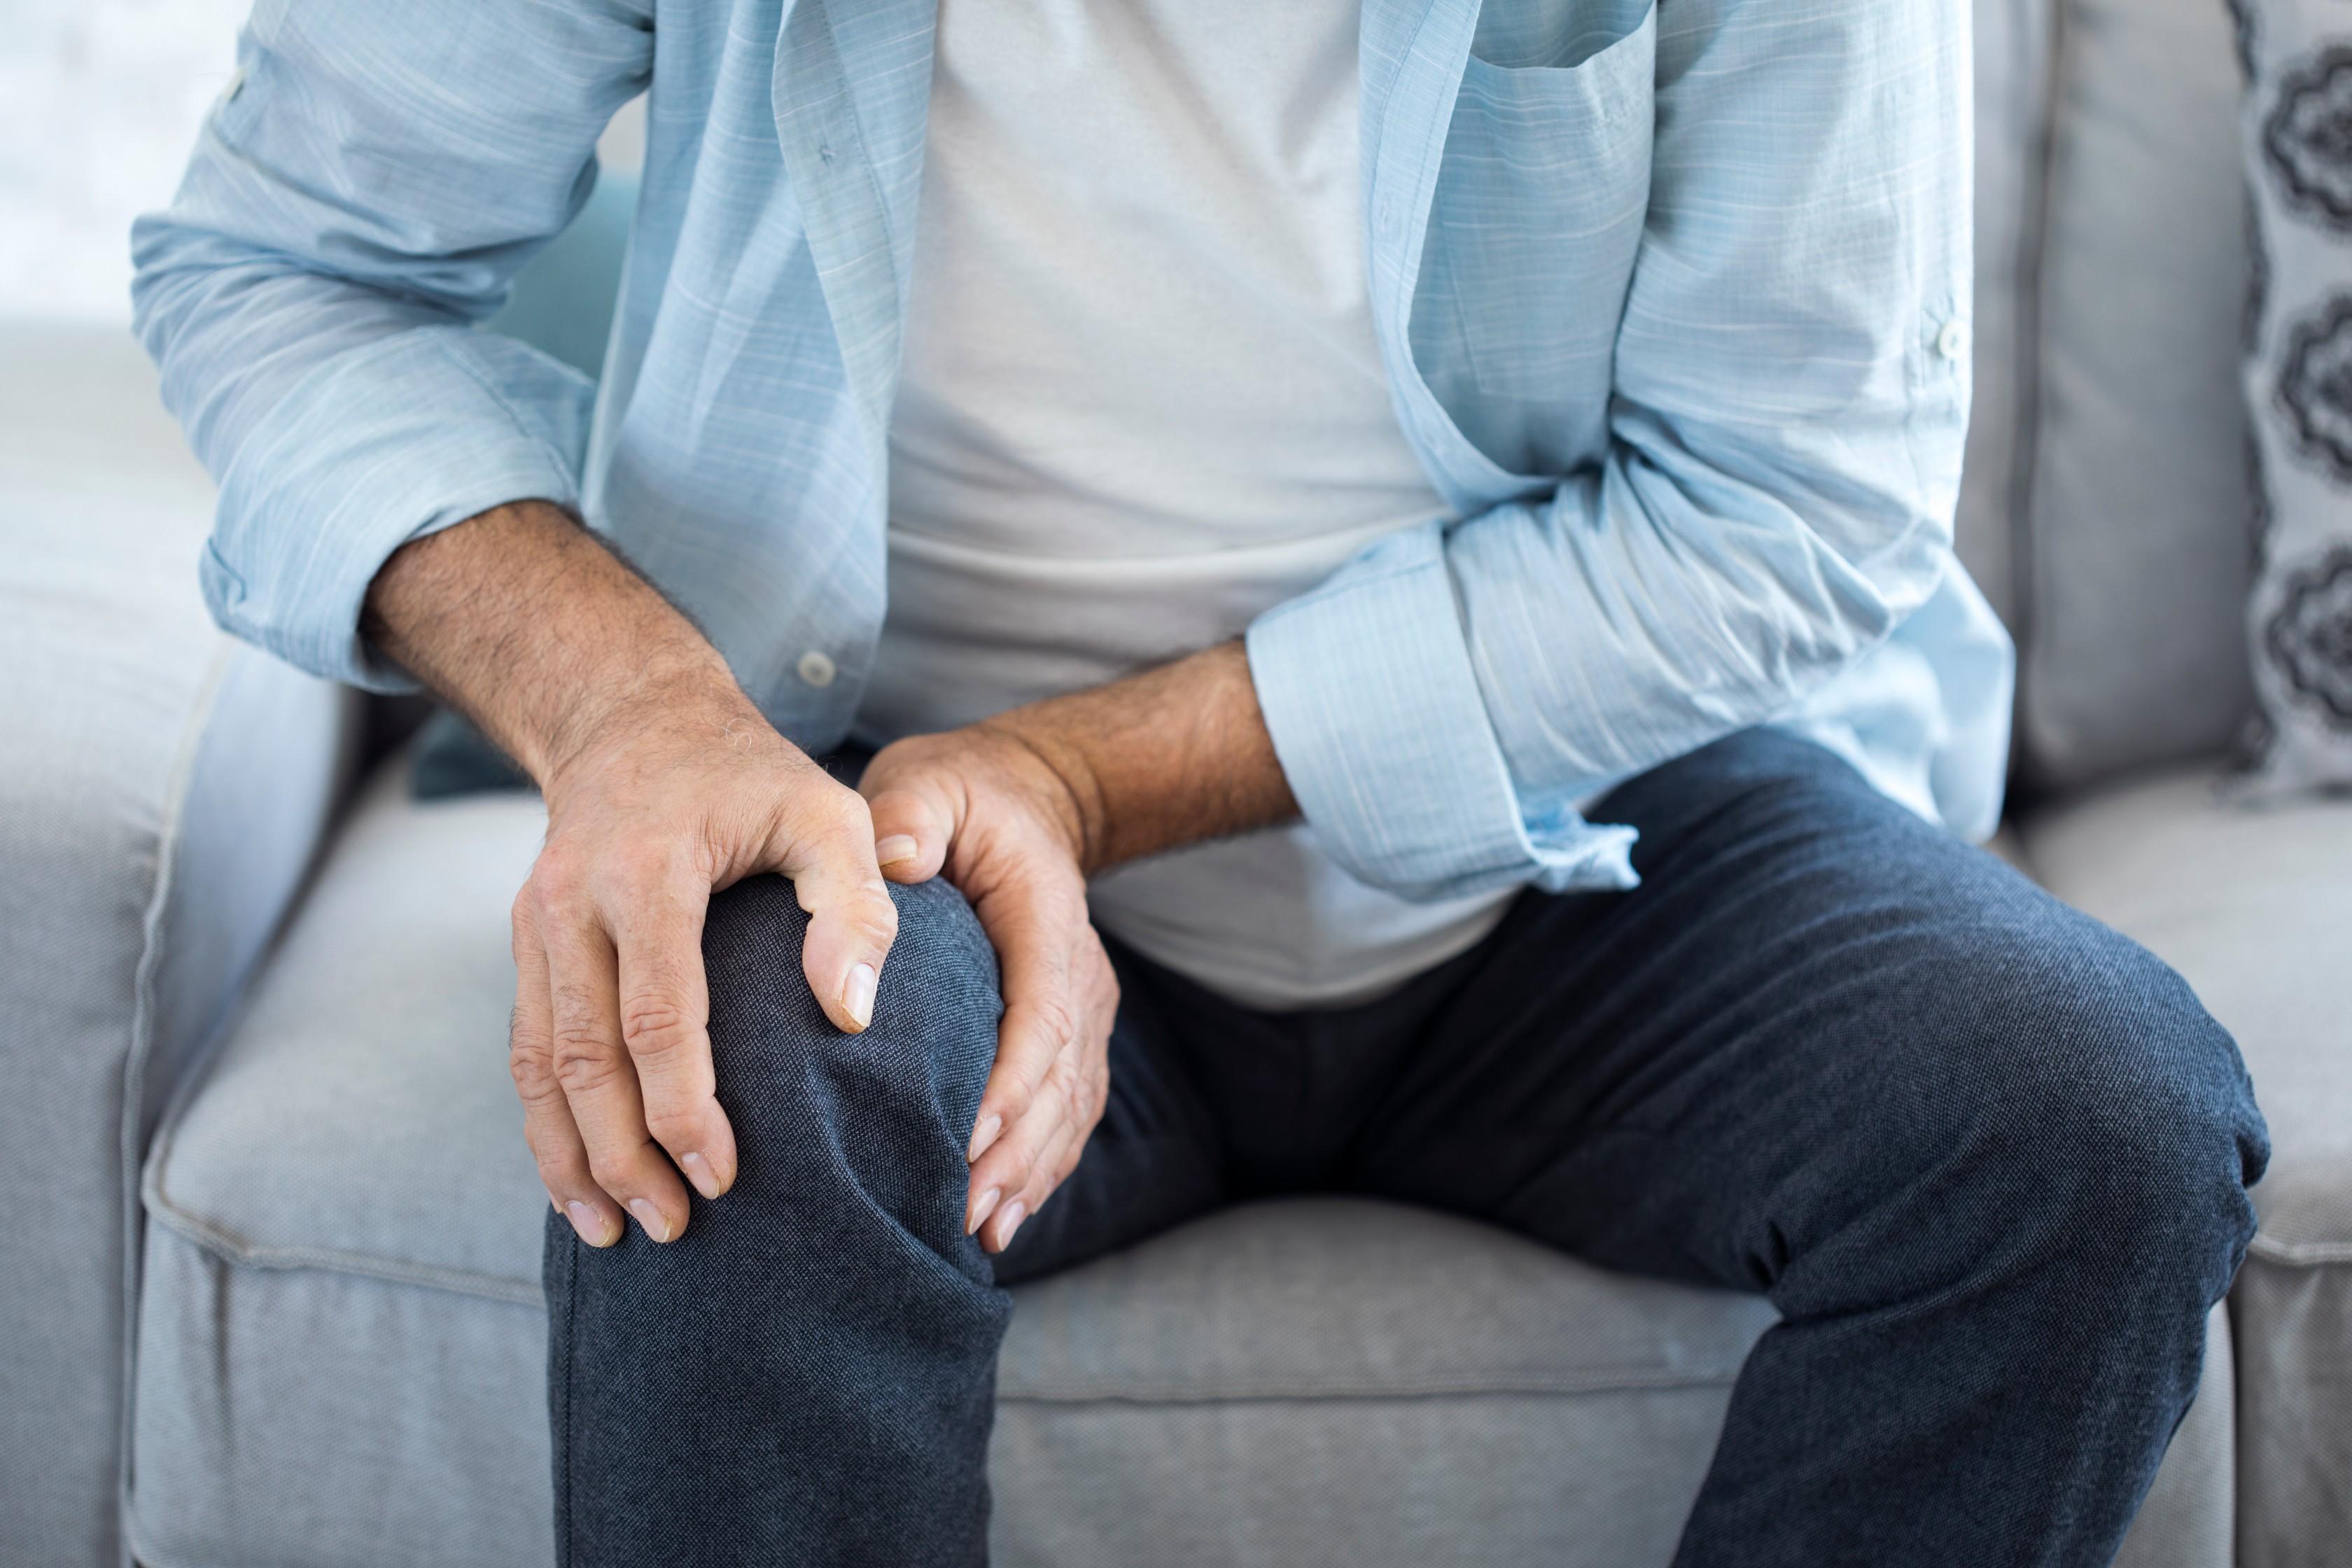 hogyan lehet gyógyítani a kézízületek gyulladását ízületek futó fájdalma a láb ízületeiben